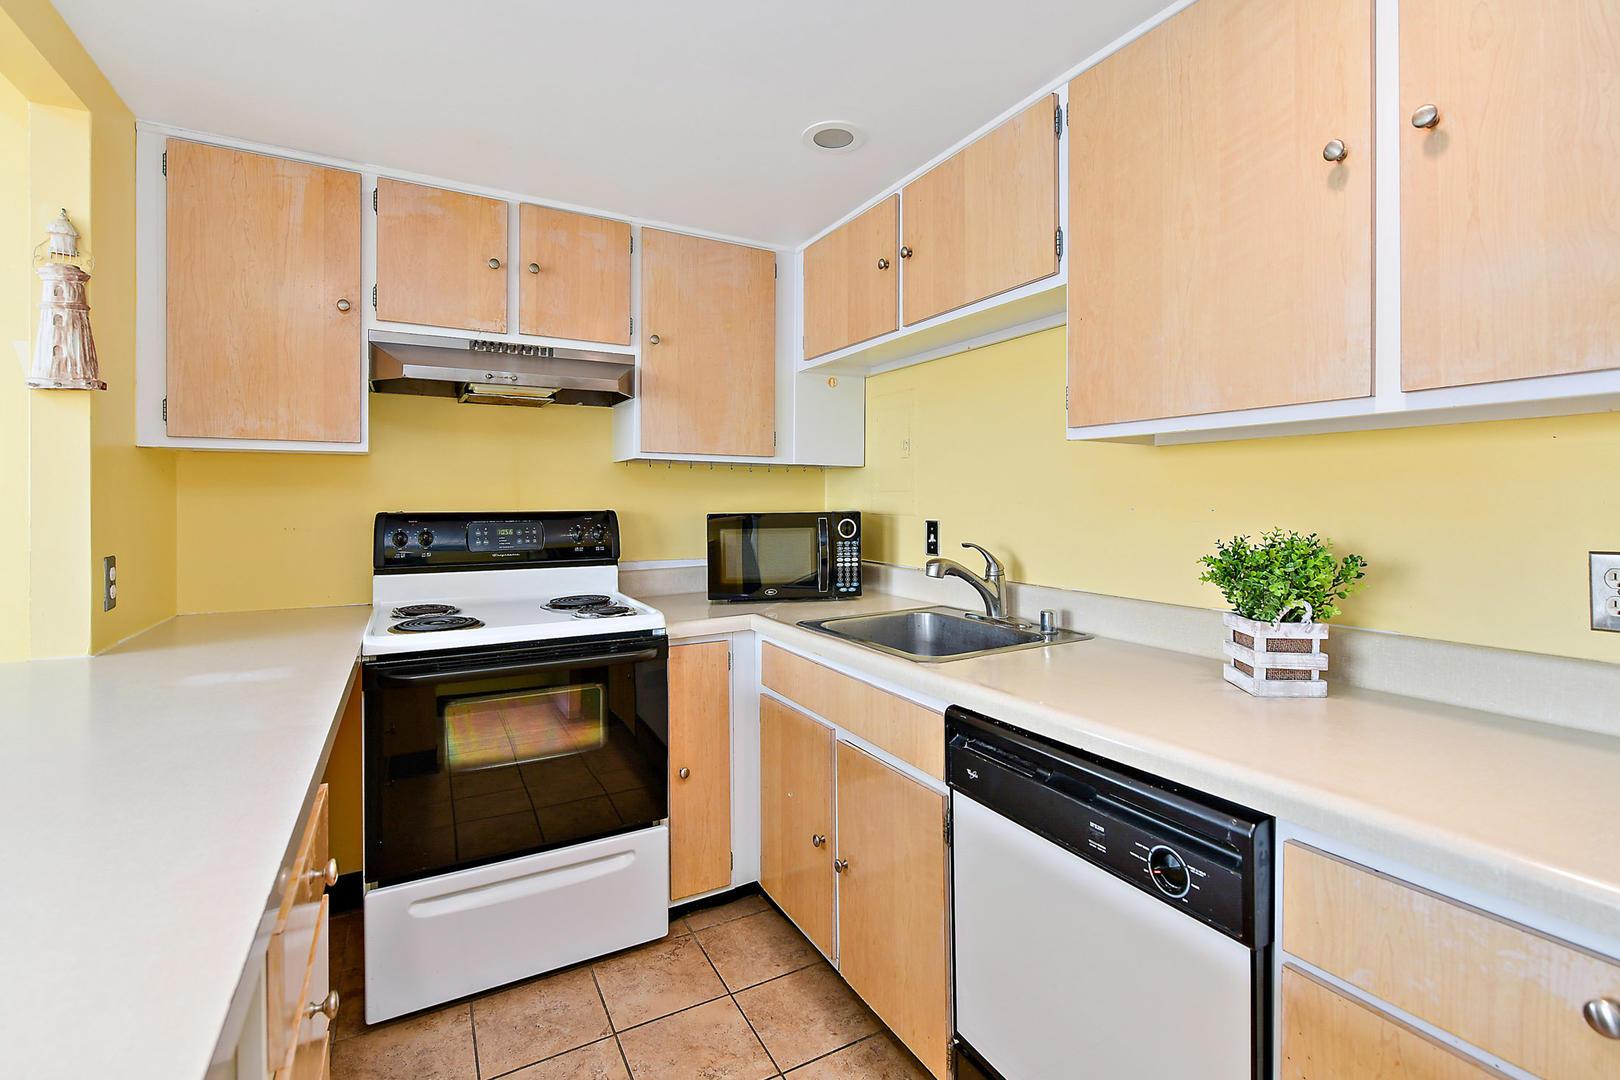 9400 Building Unit 701 - kitchen